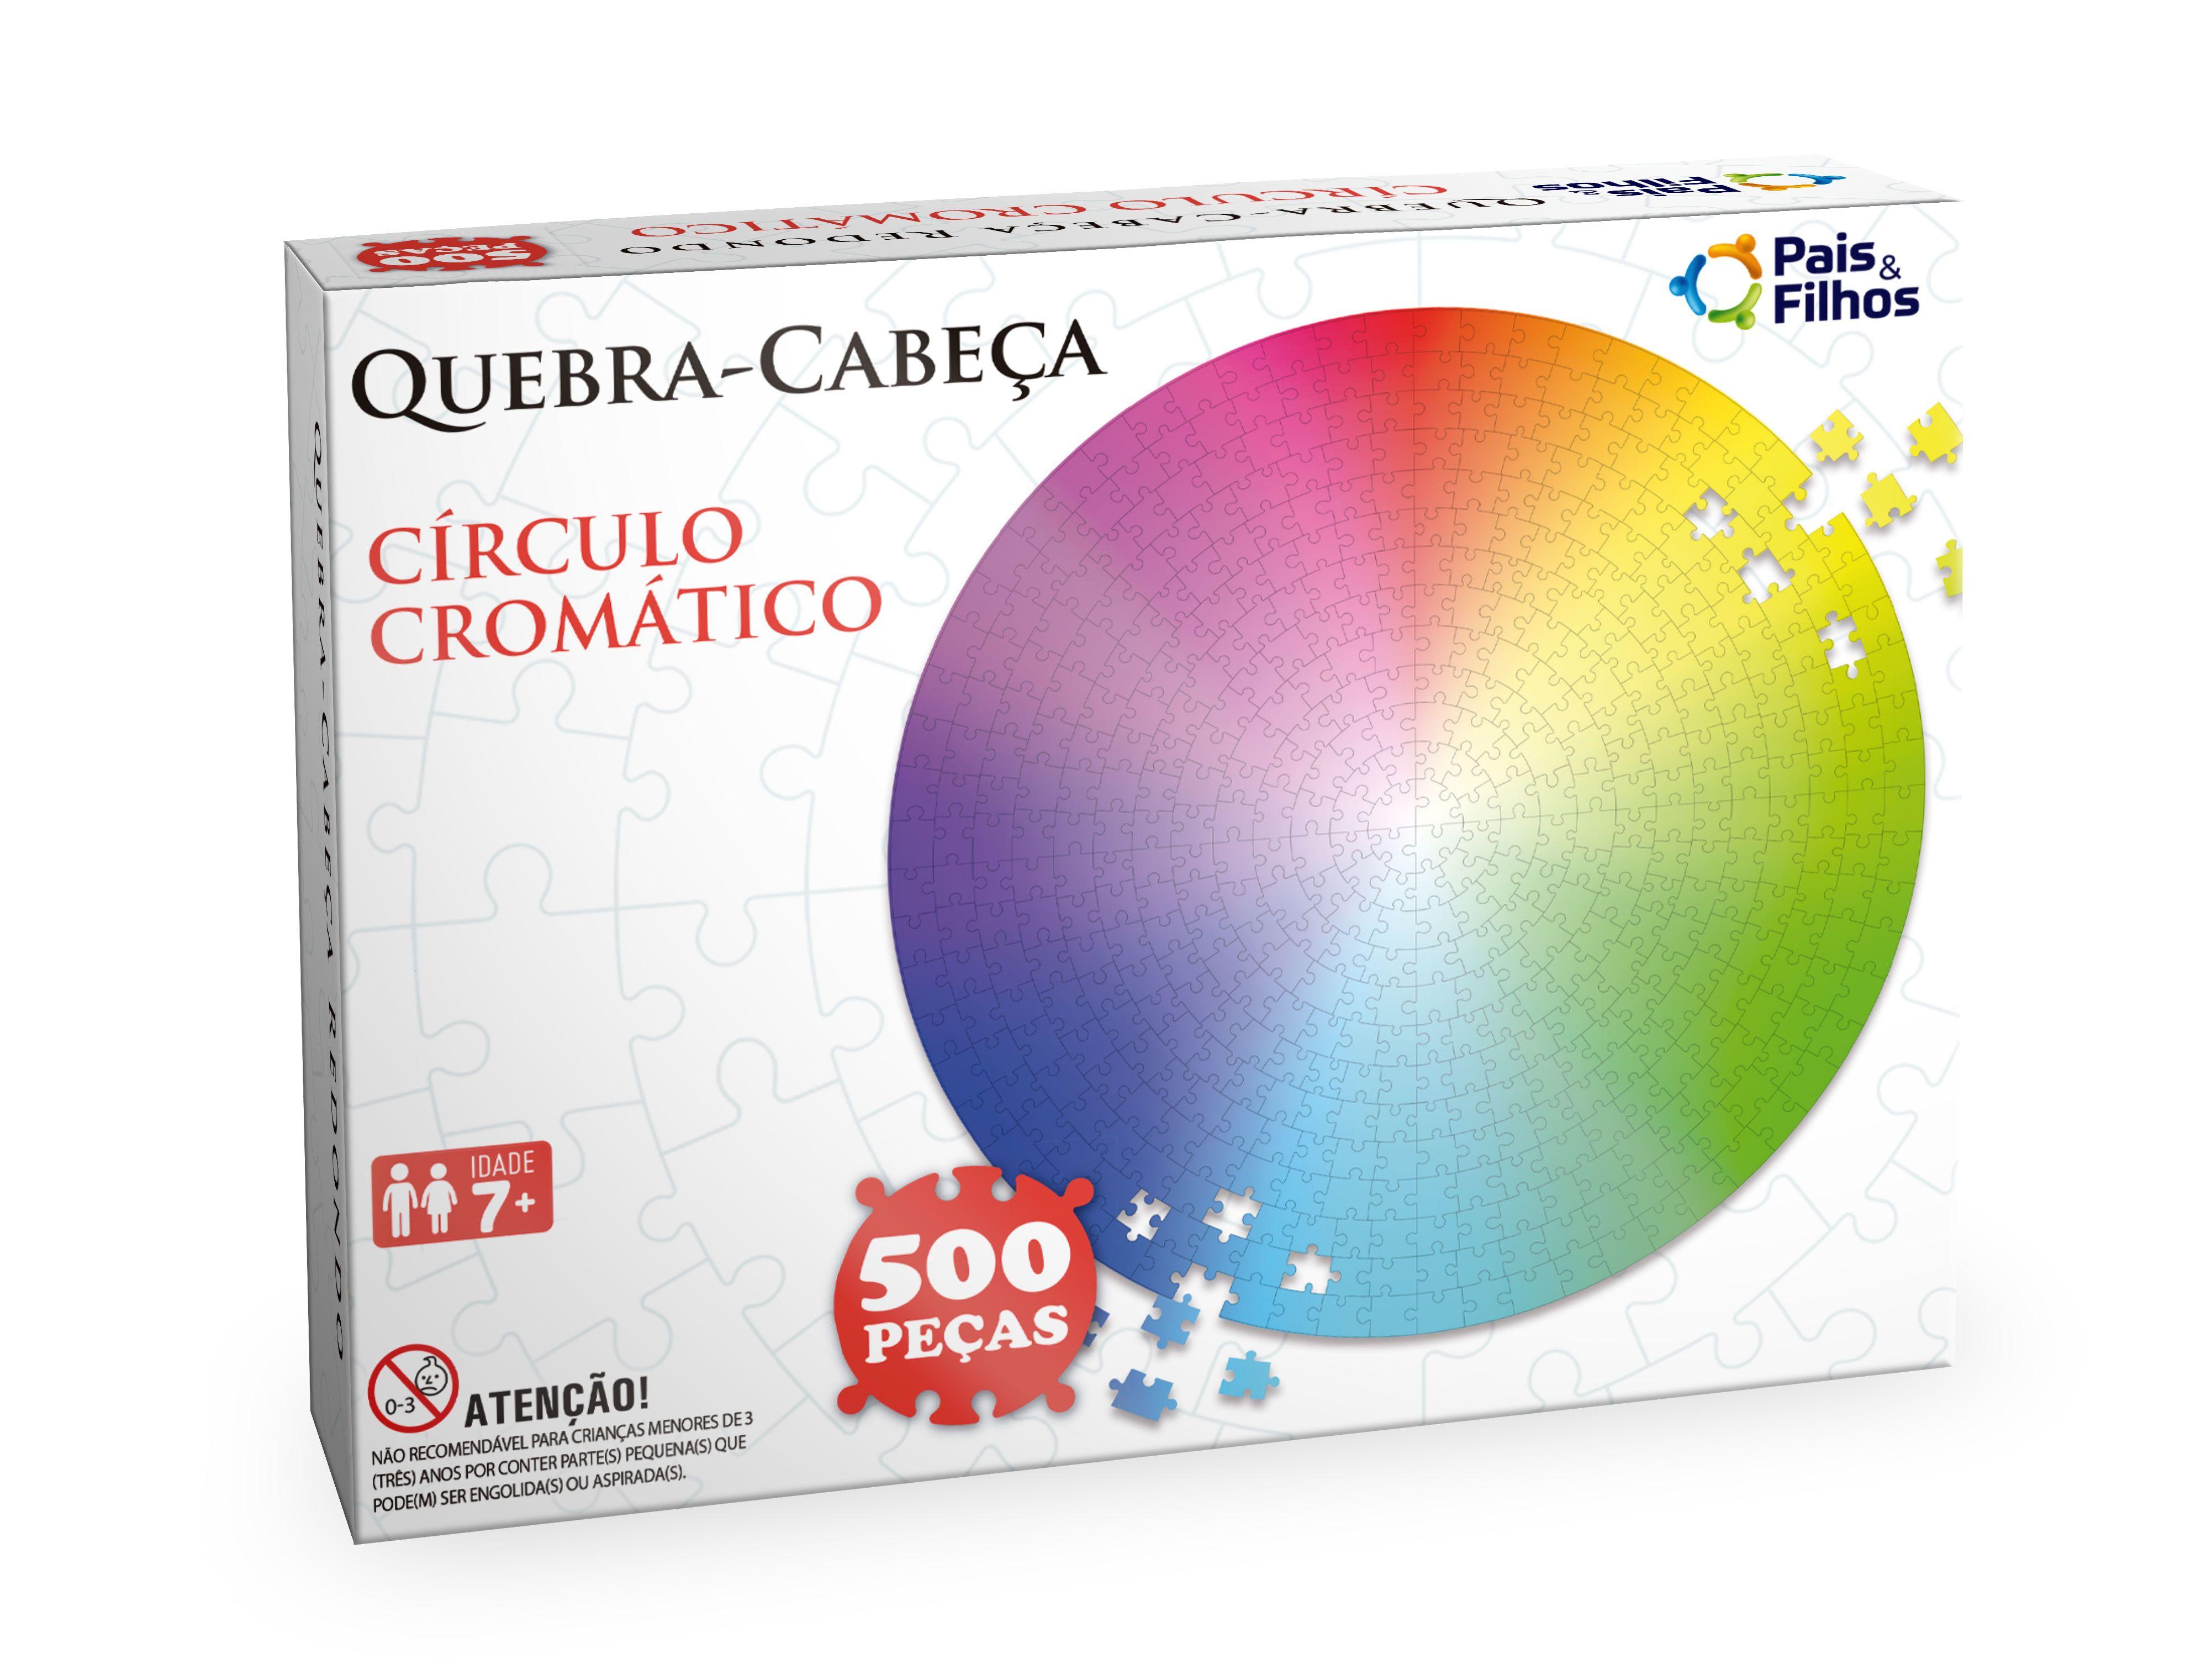 Quebra-cabeça Redondo - Círculo Cromático 500 pçs-10765